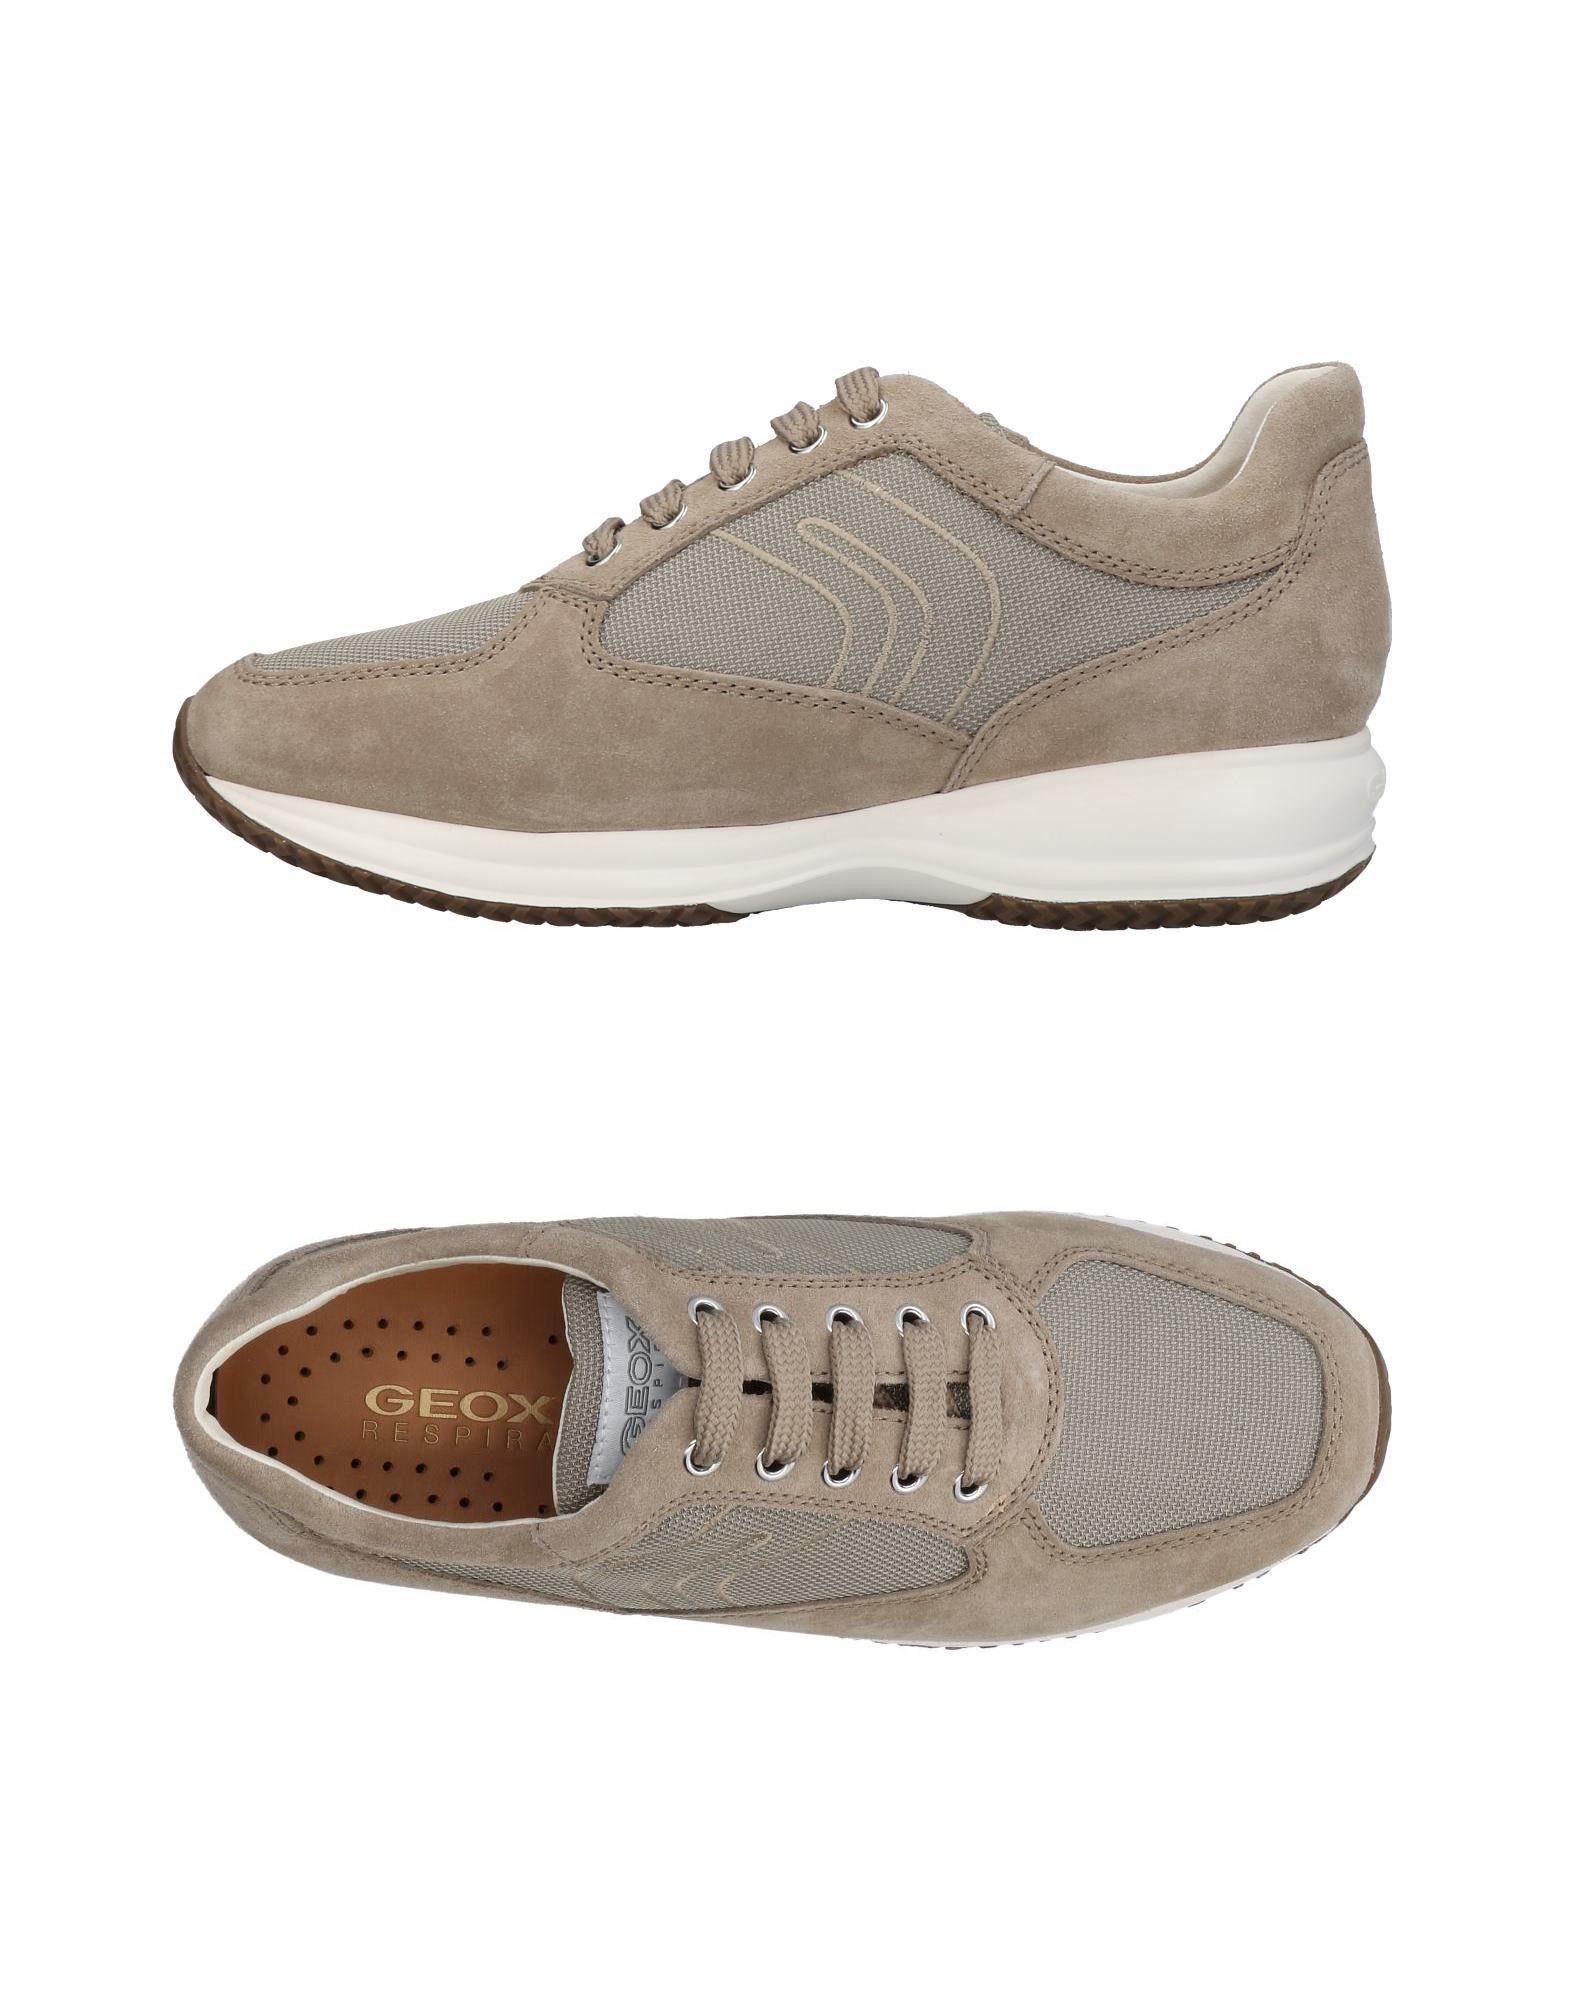 Geox Geox Geox Sneakers Herren Gutes Preis-Leistungs-Verhältnis, es lohnt sich 5a5704